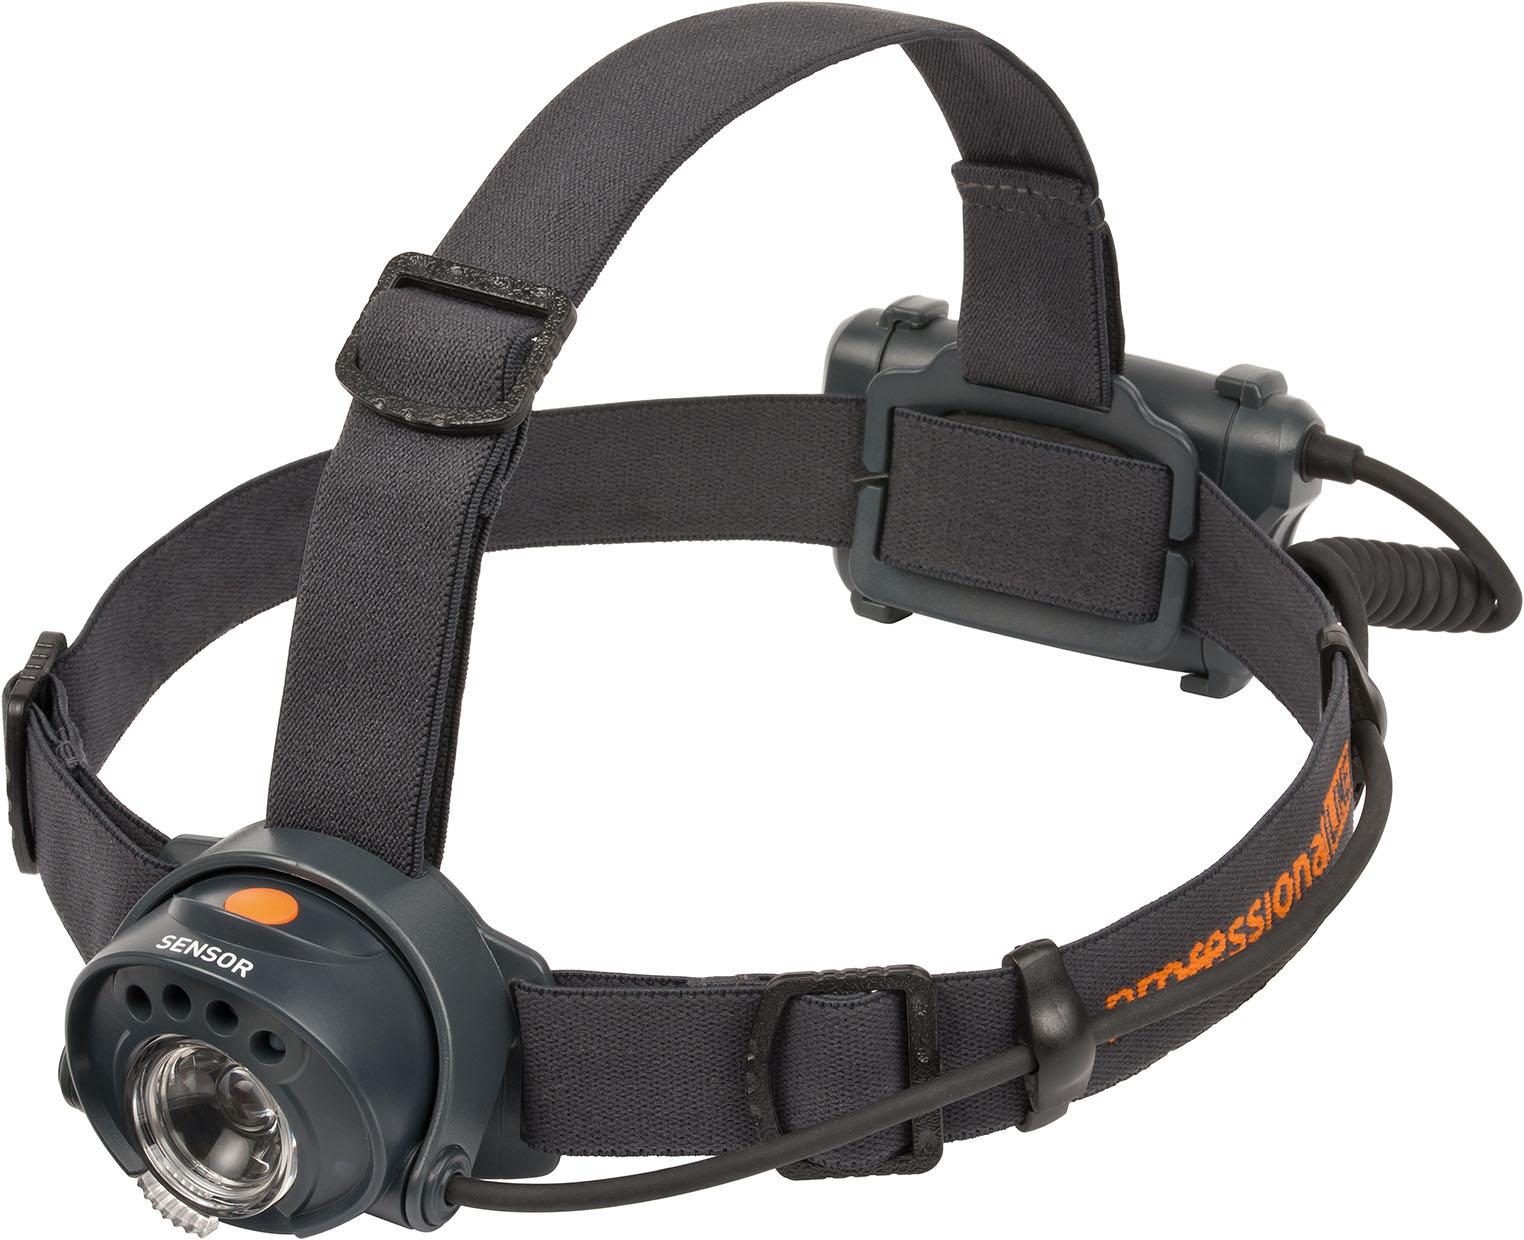 Brennenstuhl Profesionální LINE snímač LED čelovka KL200 IP44 3,5W 250lm 13h 3xAA | 9170200100